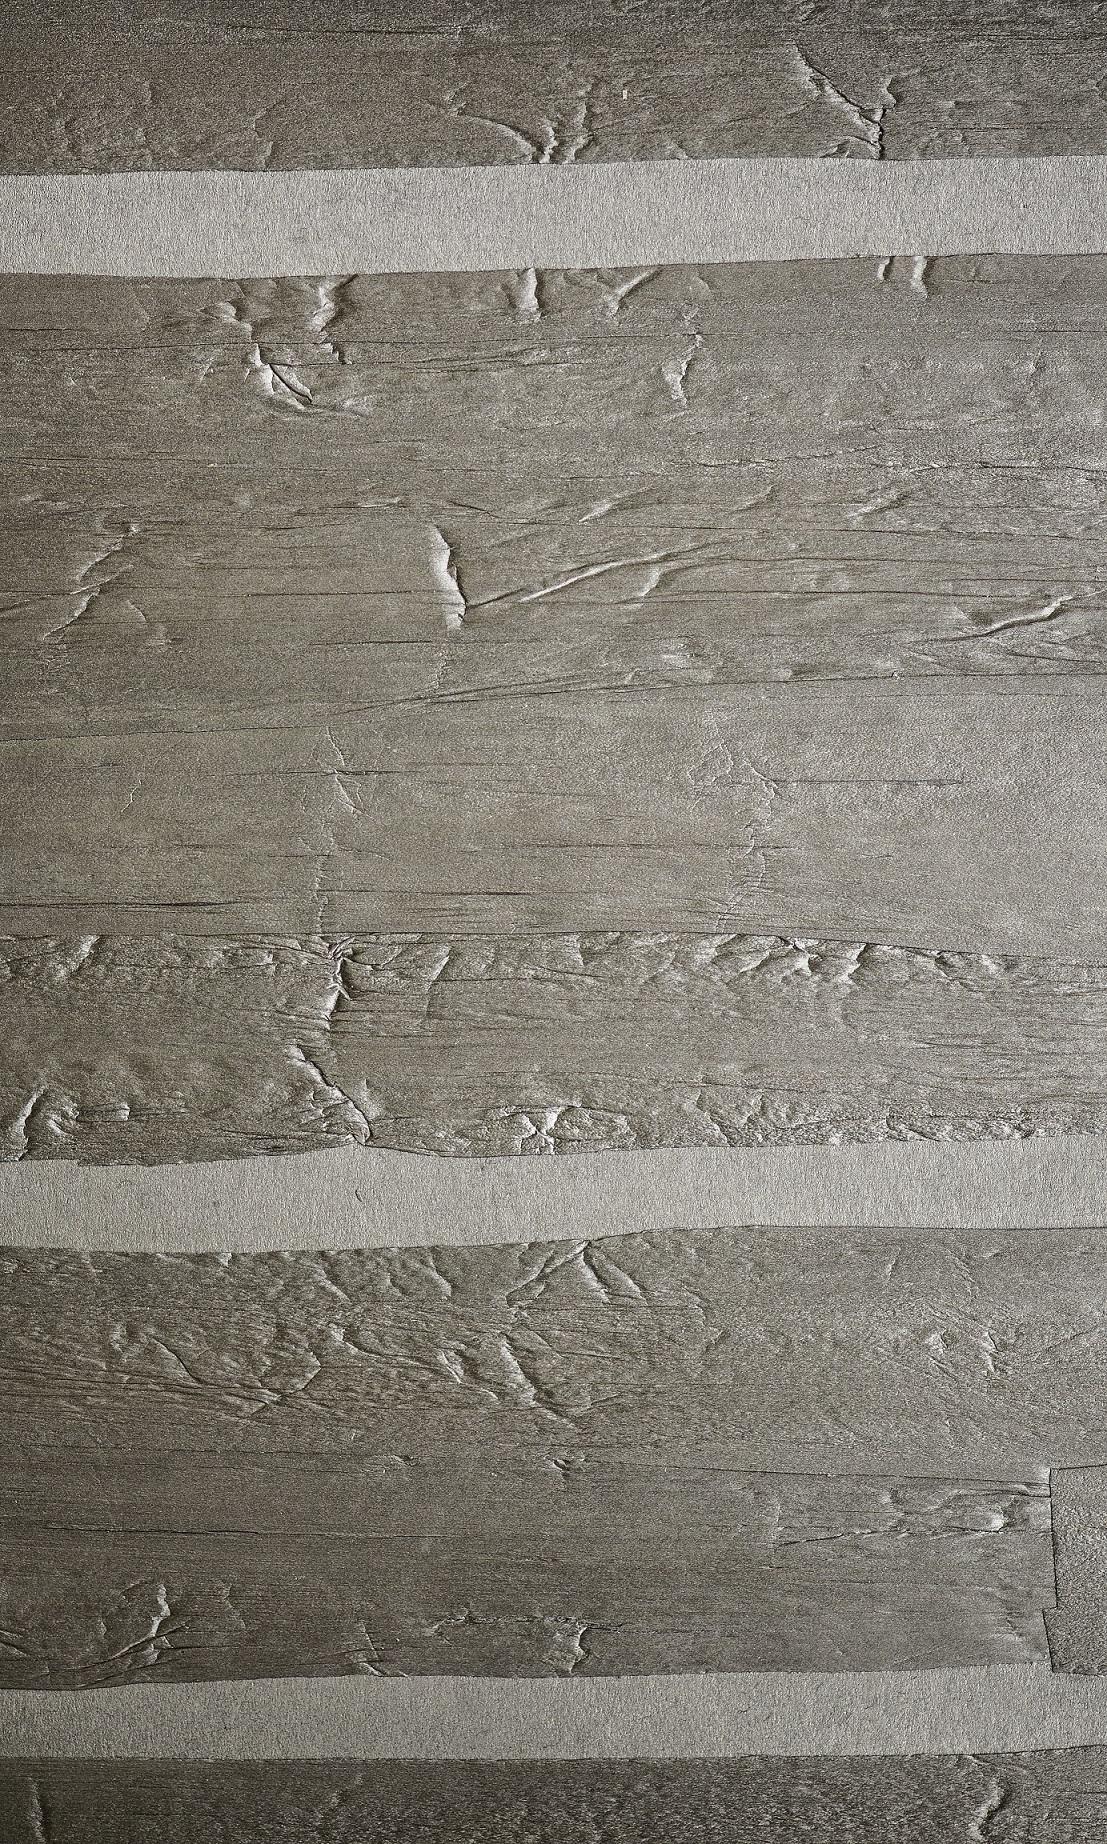 Fotos do produto Revestimento de Parede Natural de Fibra de Bananeirada arquiteta Suellen Parizotto para o Rota HAUS. Local: Orlean. Alameda Dr. Carlos de Carvalho, 1069 - Centro.